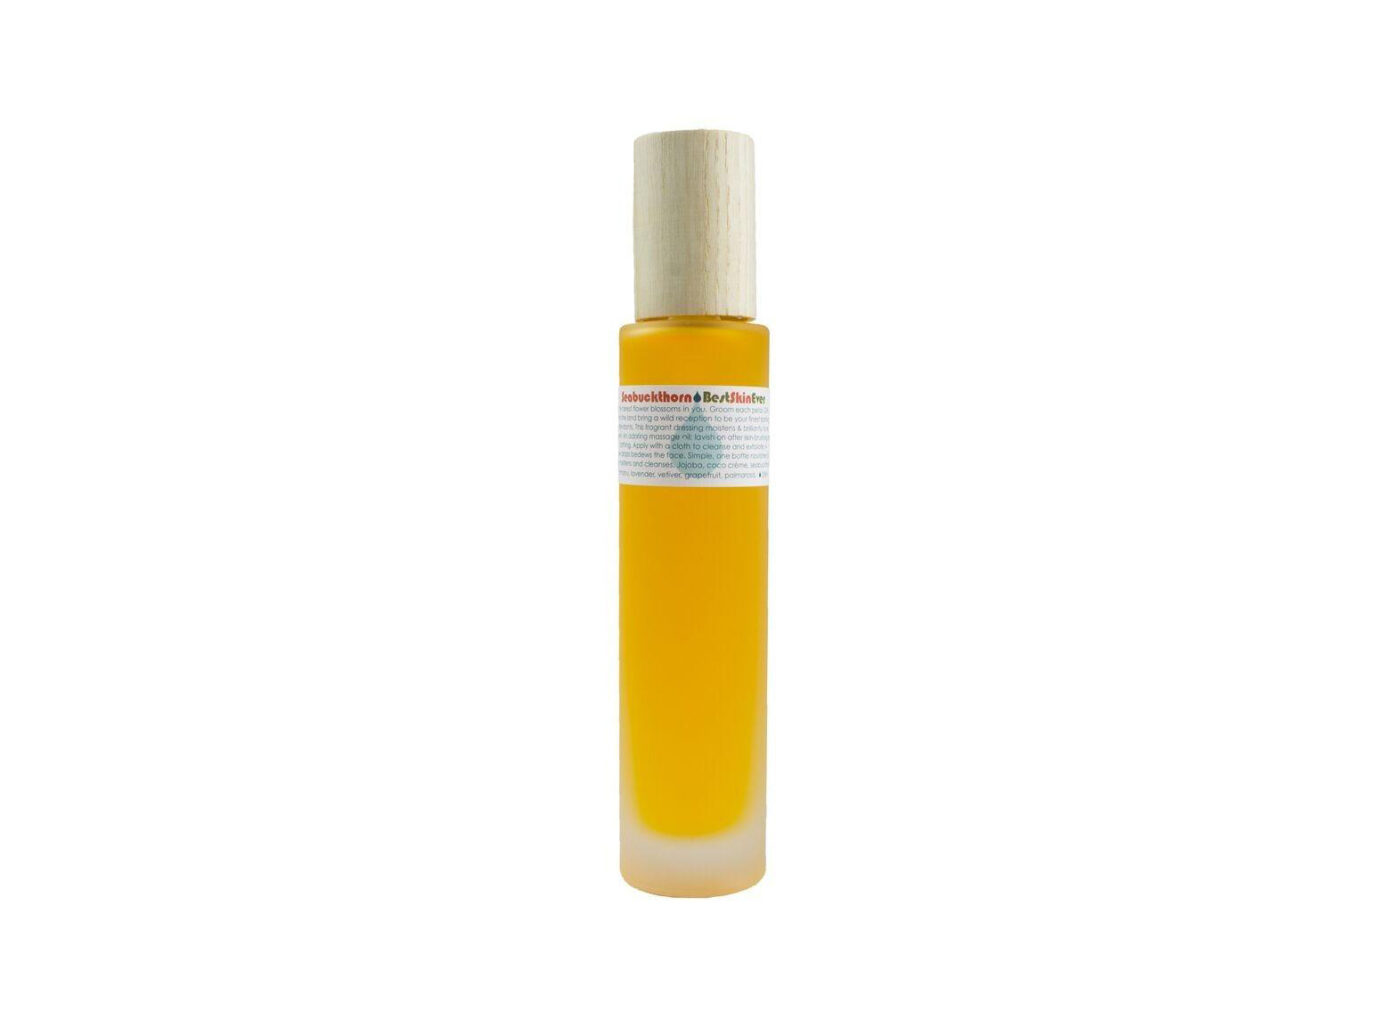 Living Libations Best Skin Ever Seabuckthorn Oil